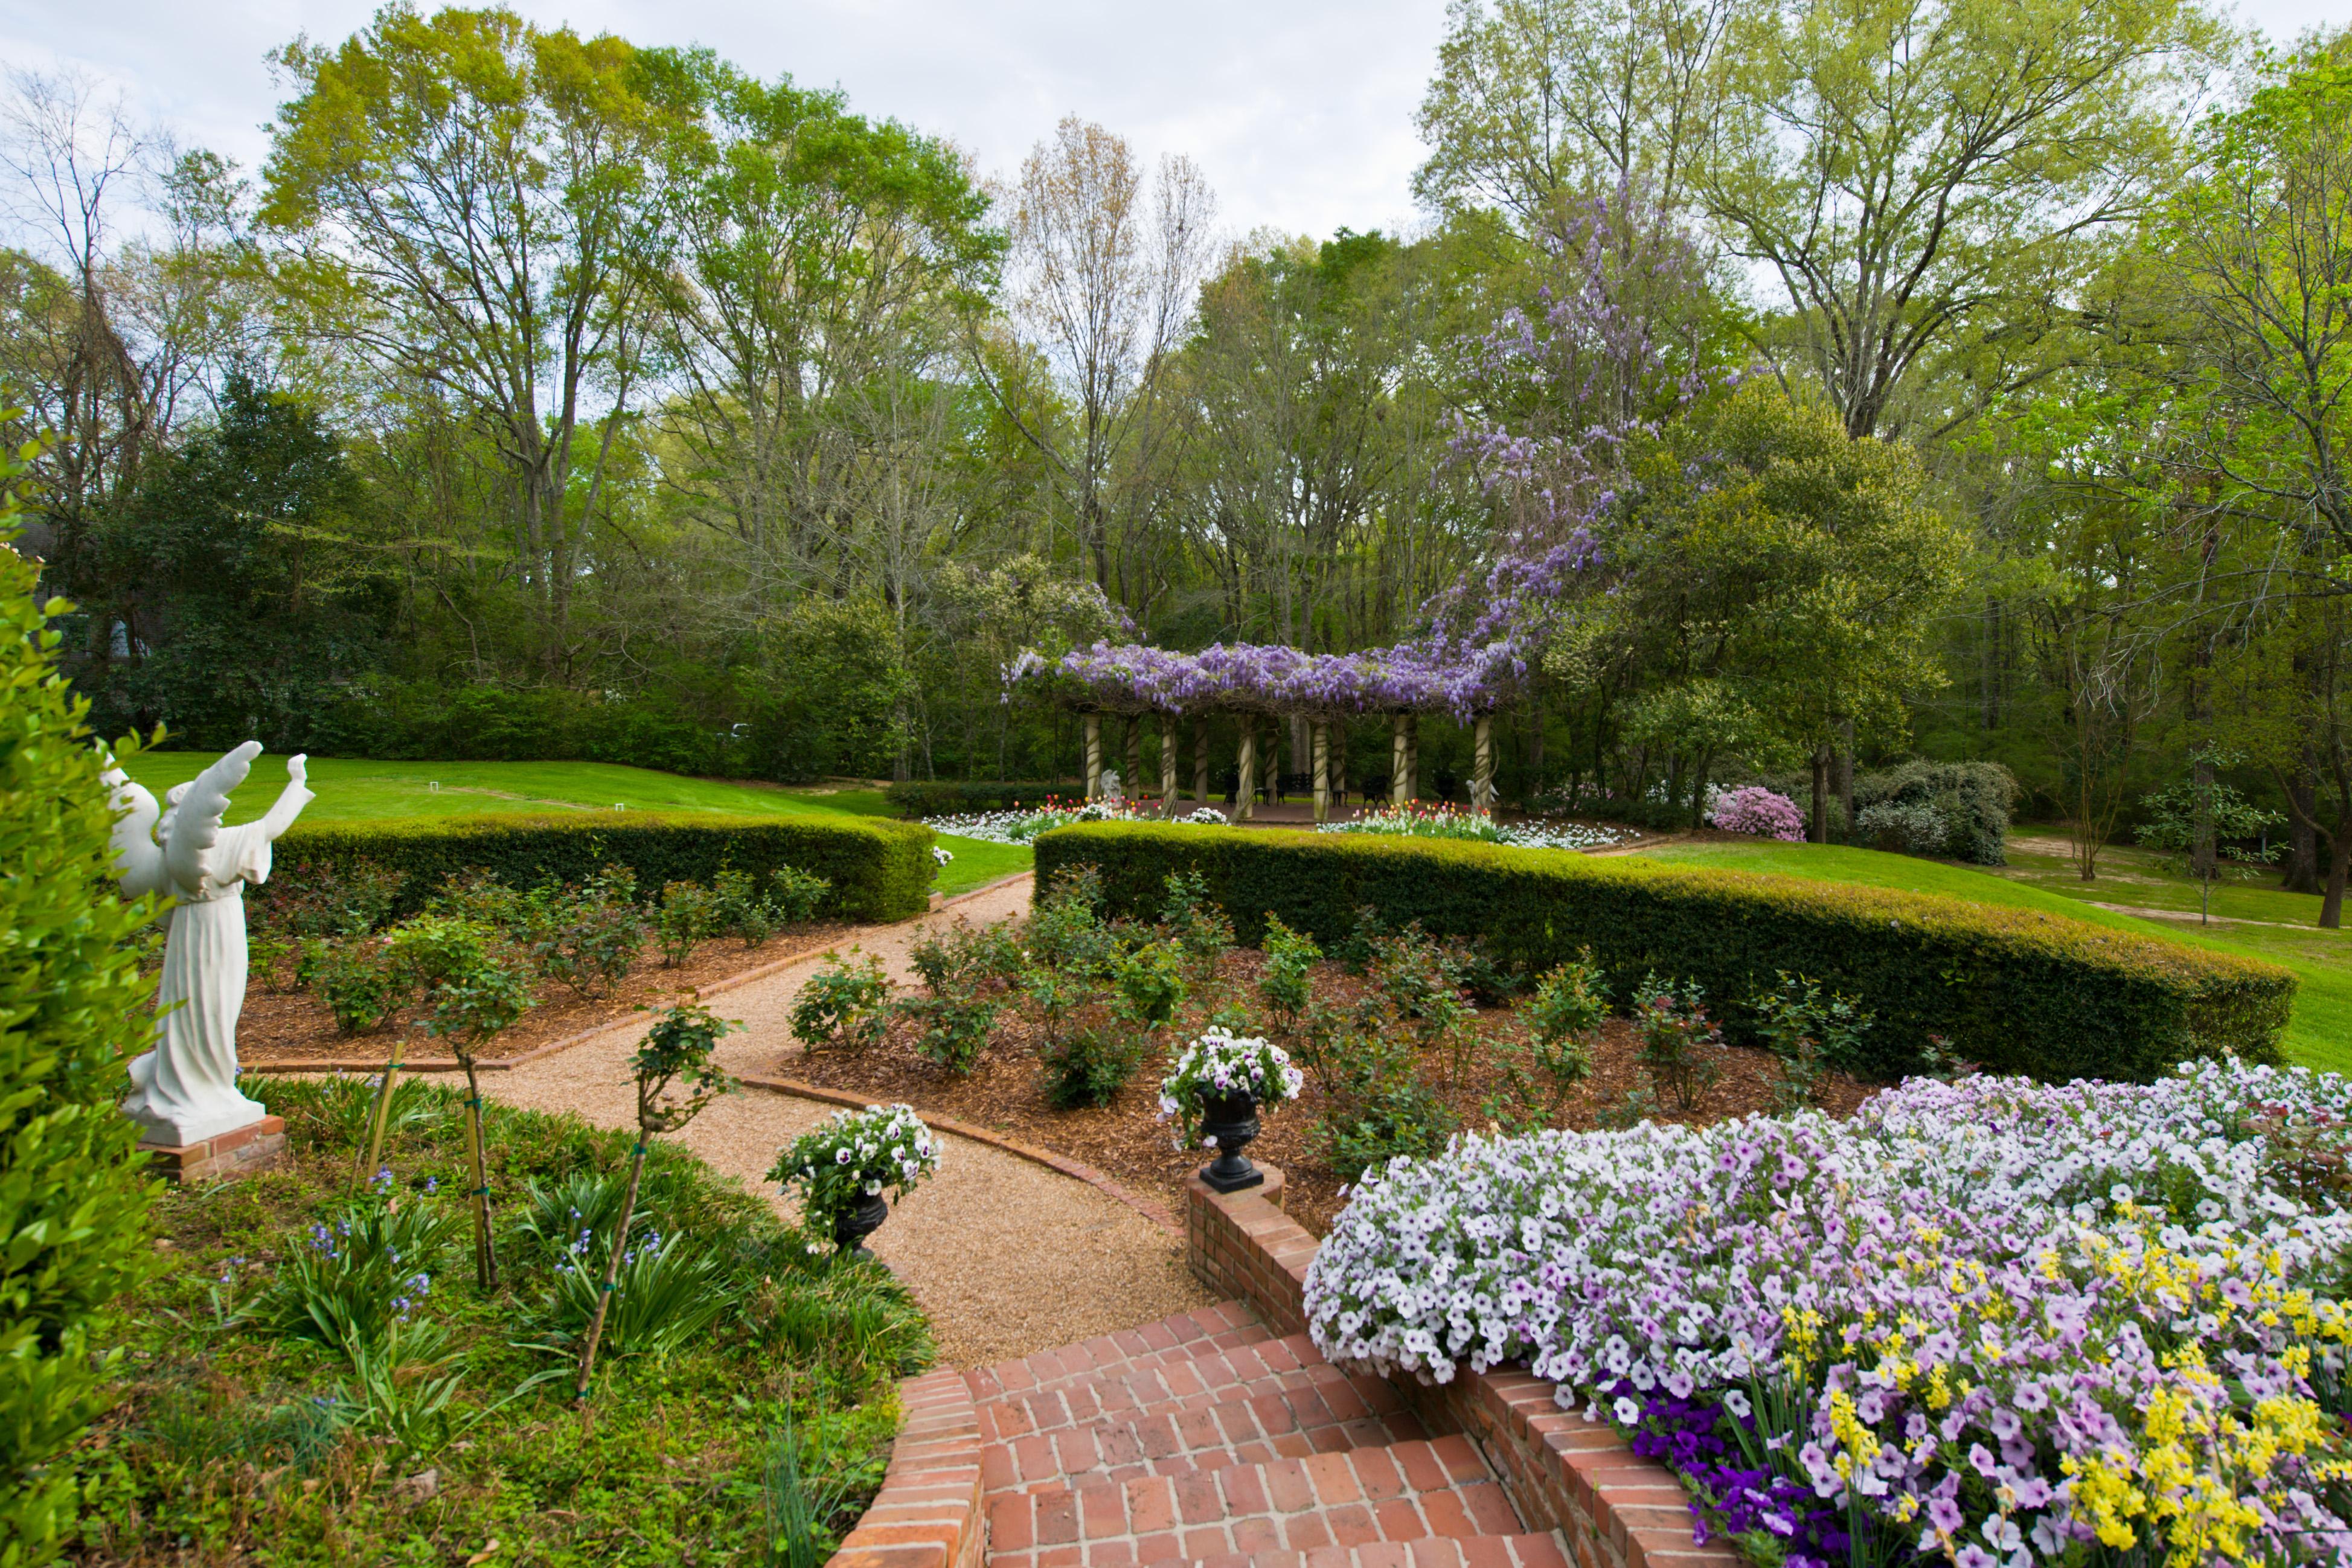 Monmouth-historic-inn-gardens